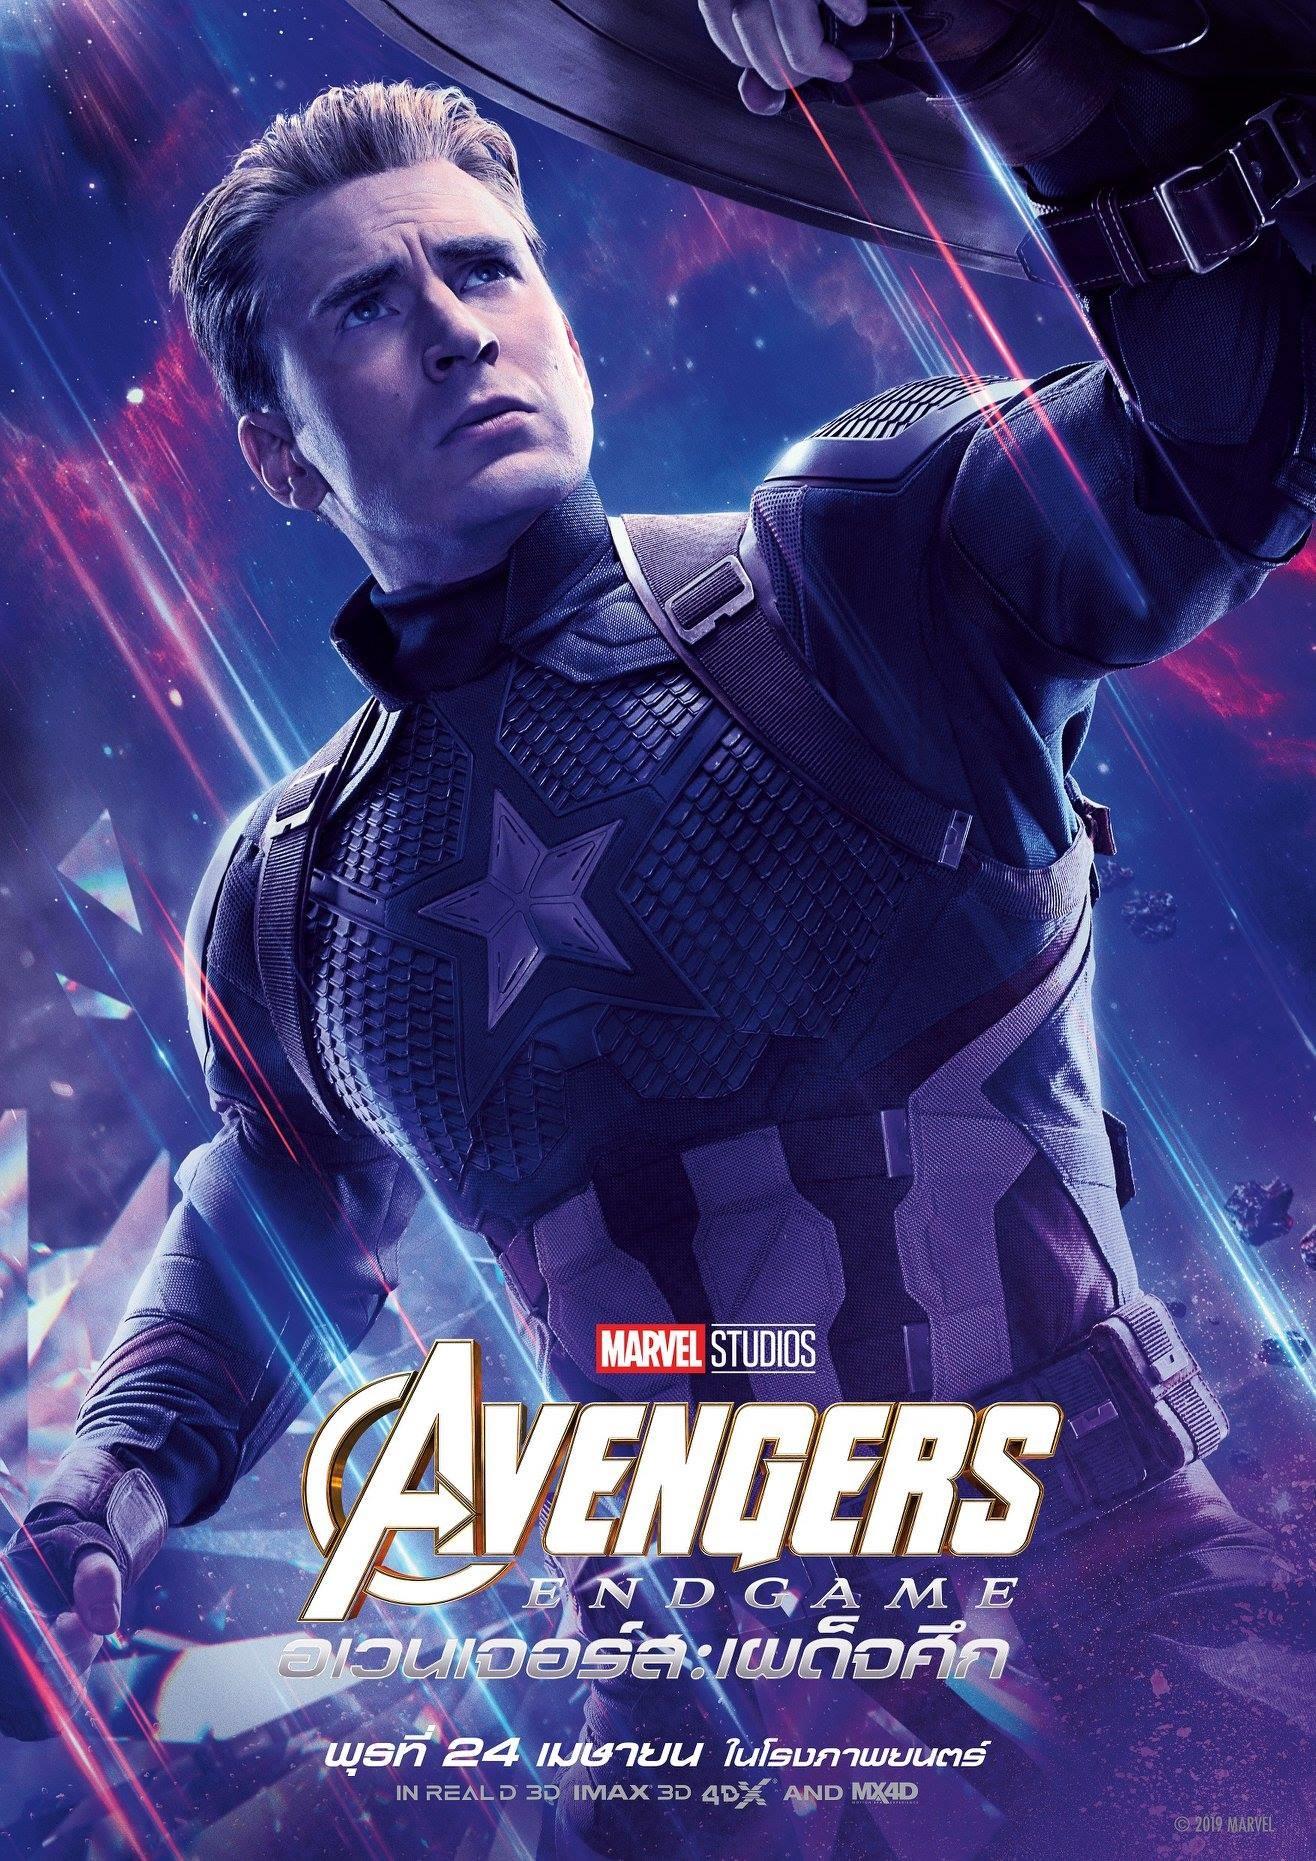 Avengers: Endgame international character poster for Captain America